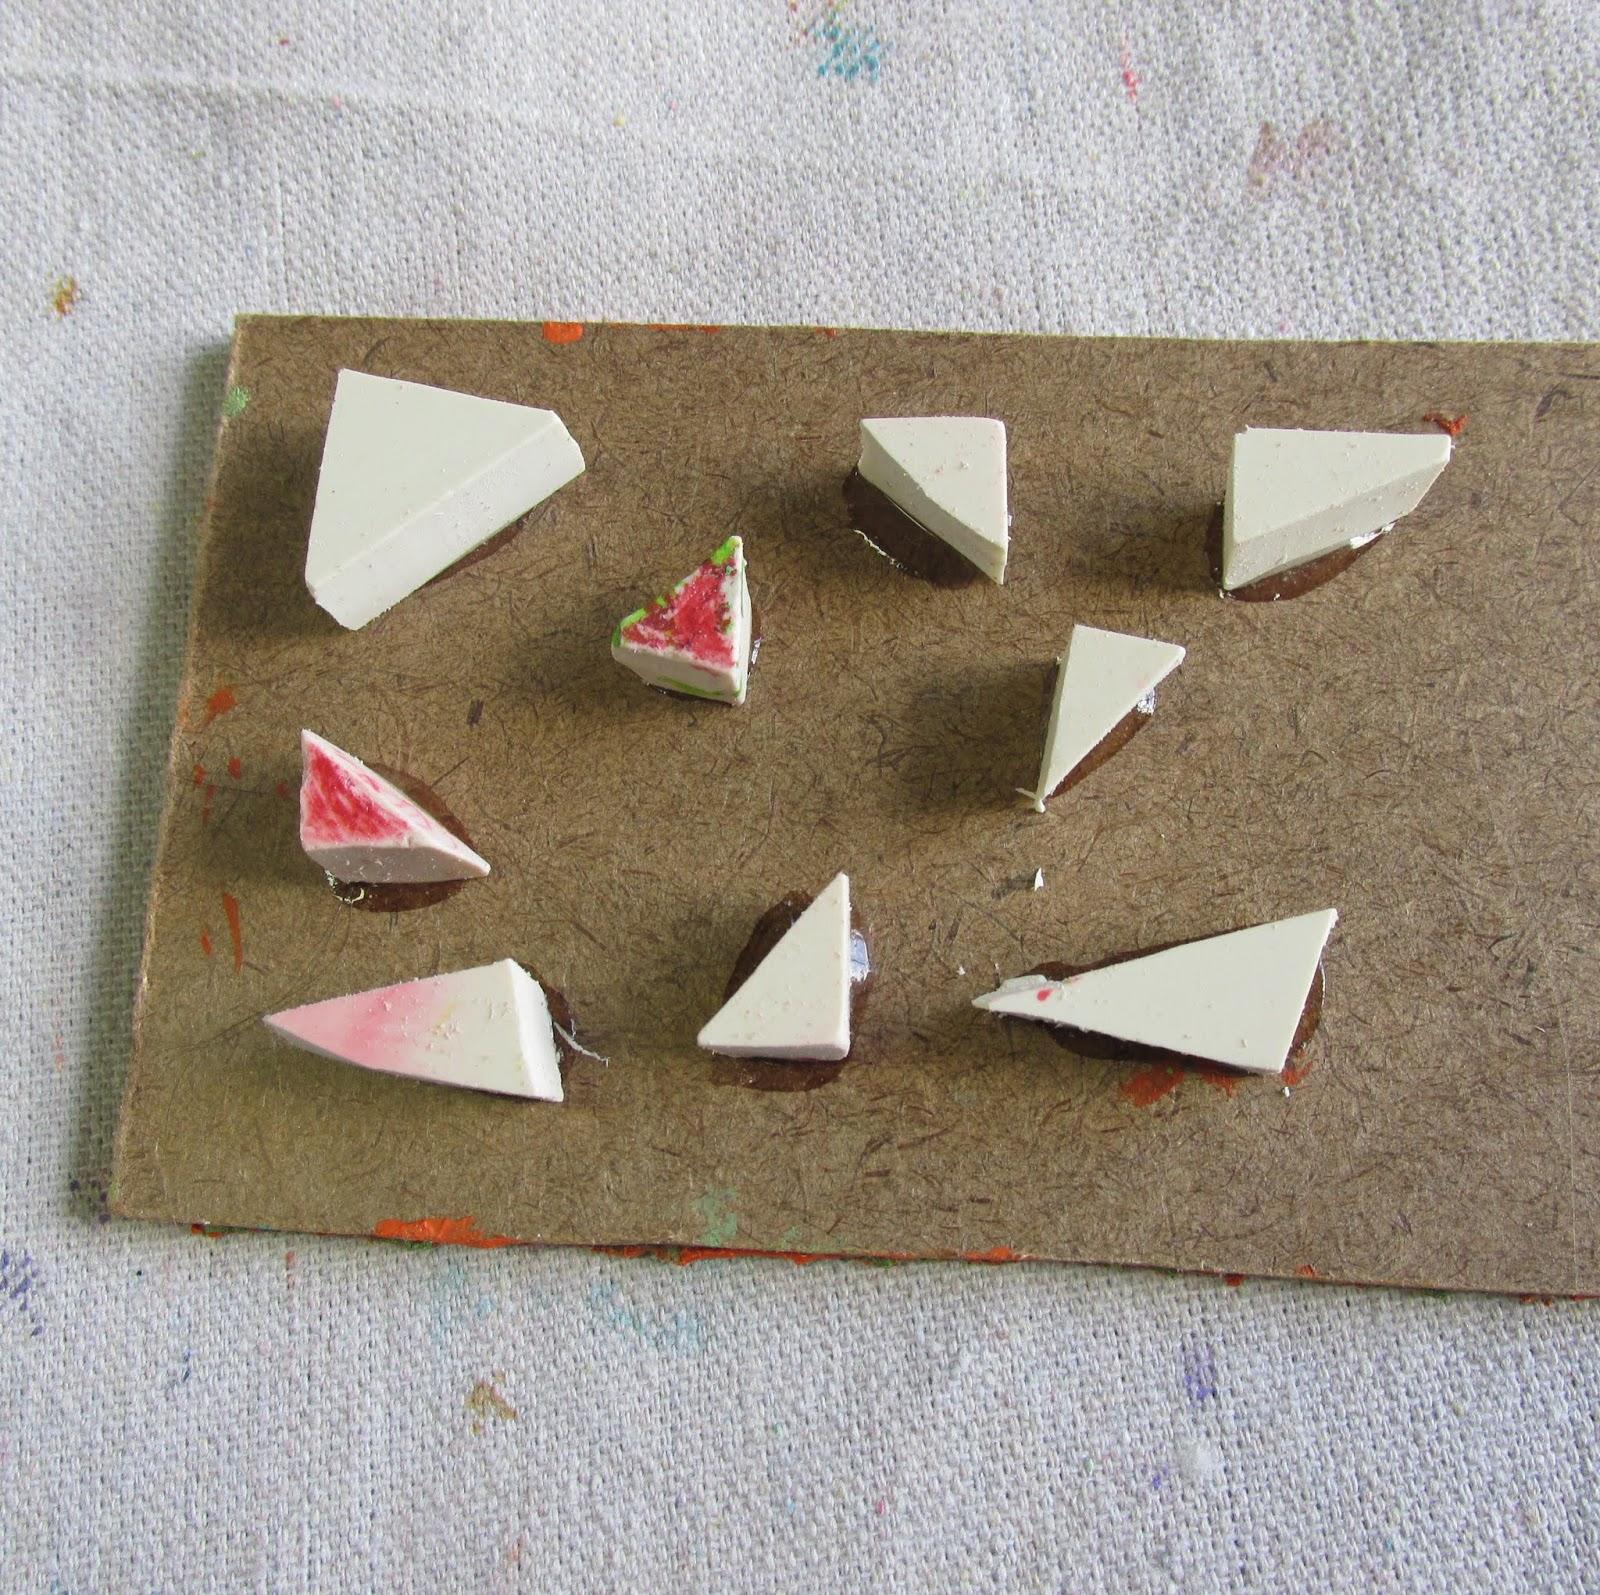 linoleum scraps